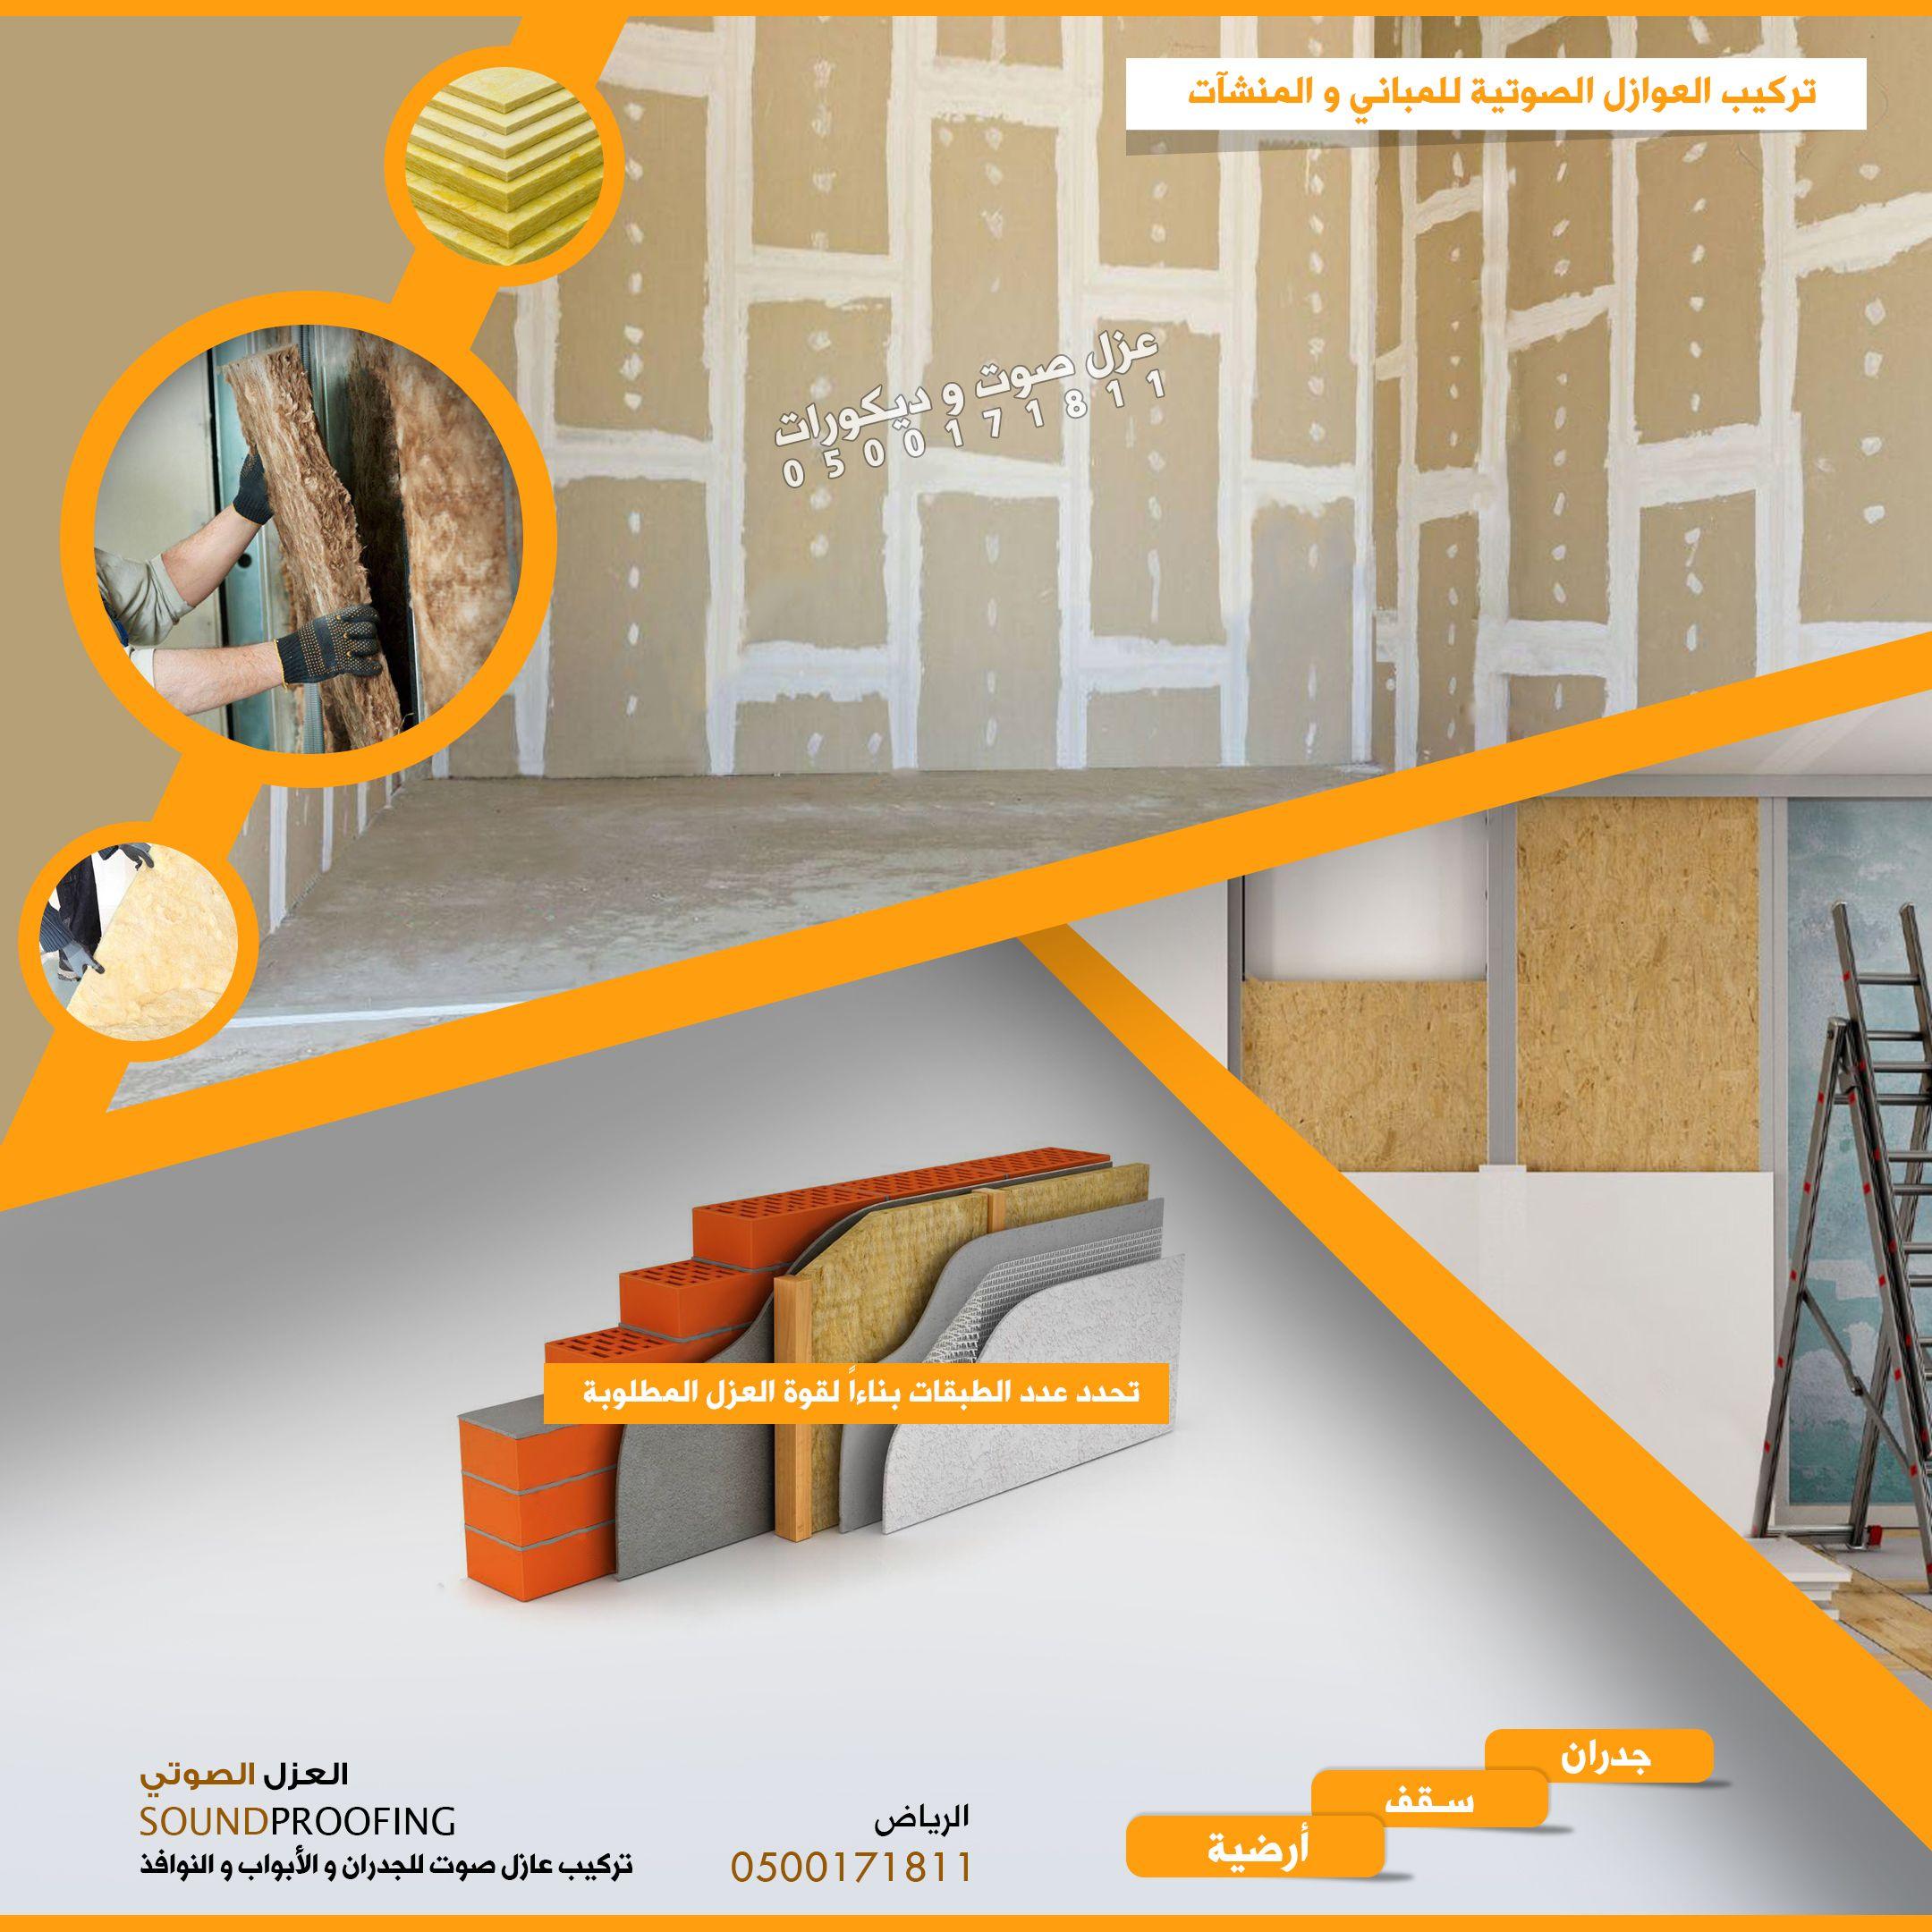 عزل صوت الجدران في المباني مع عزل الأبواب و النوافذ و كتم الصوت هندسة العزل الصوتي و إنشاء الاستديوهات عزل صوت و ديكورات بالرياض Kids Rugs Loft Bed Home Decor